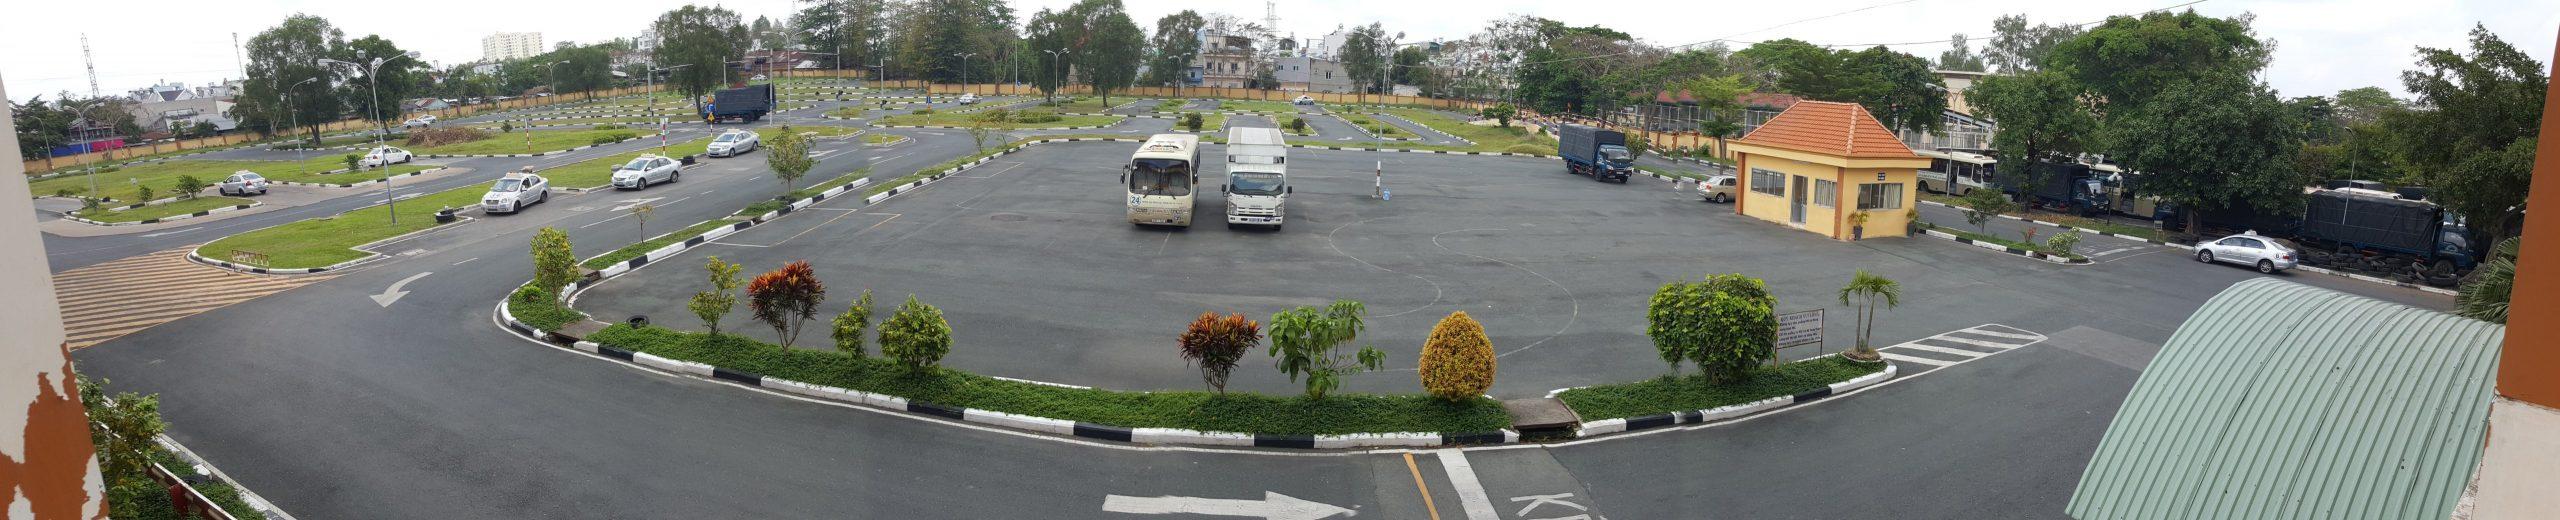 học lái xe ô tô tại Hà Giang uy tín chất lượng cao